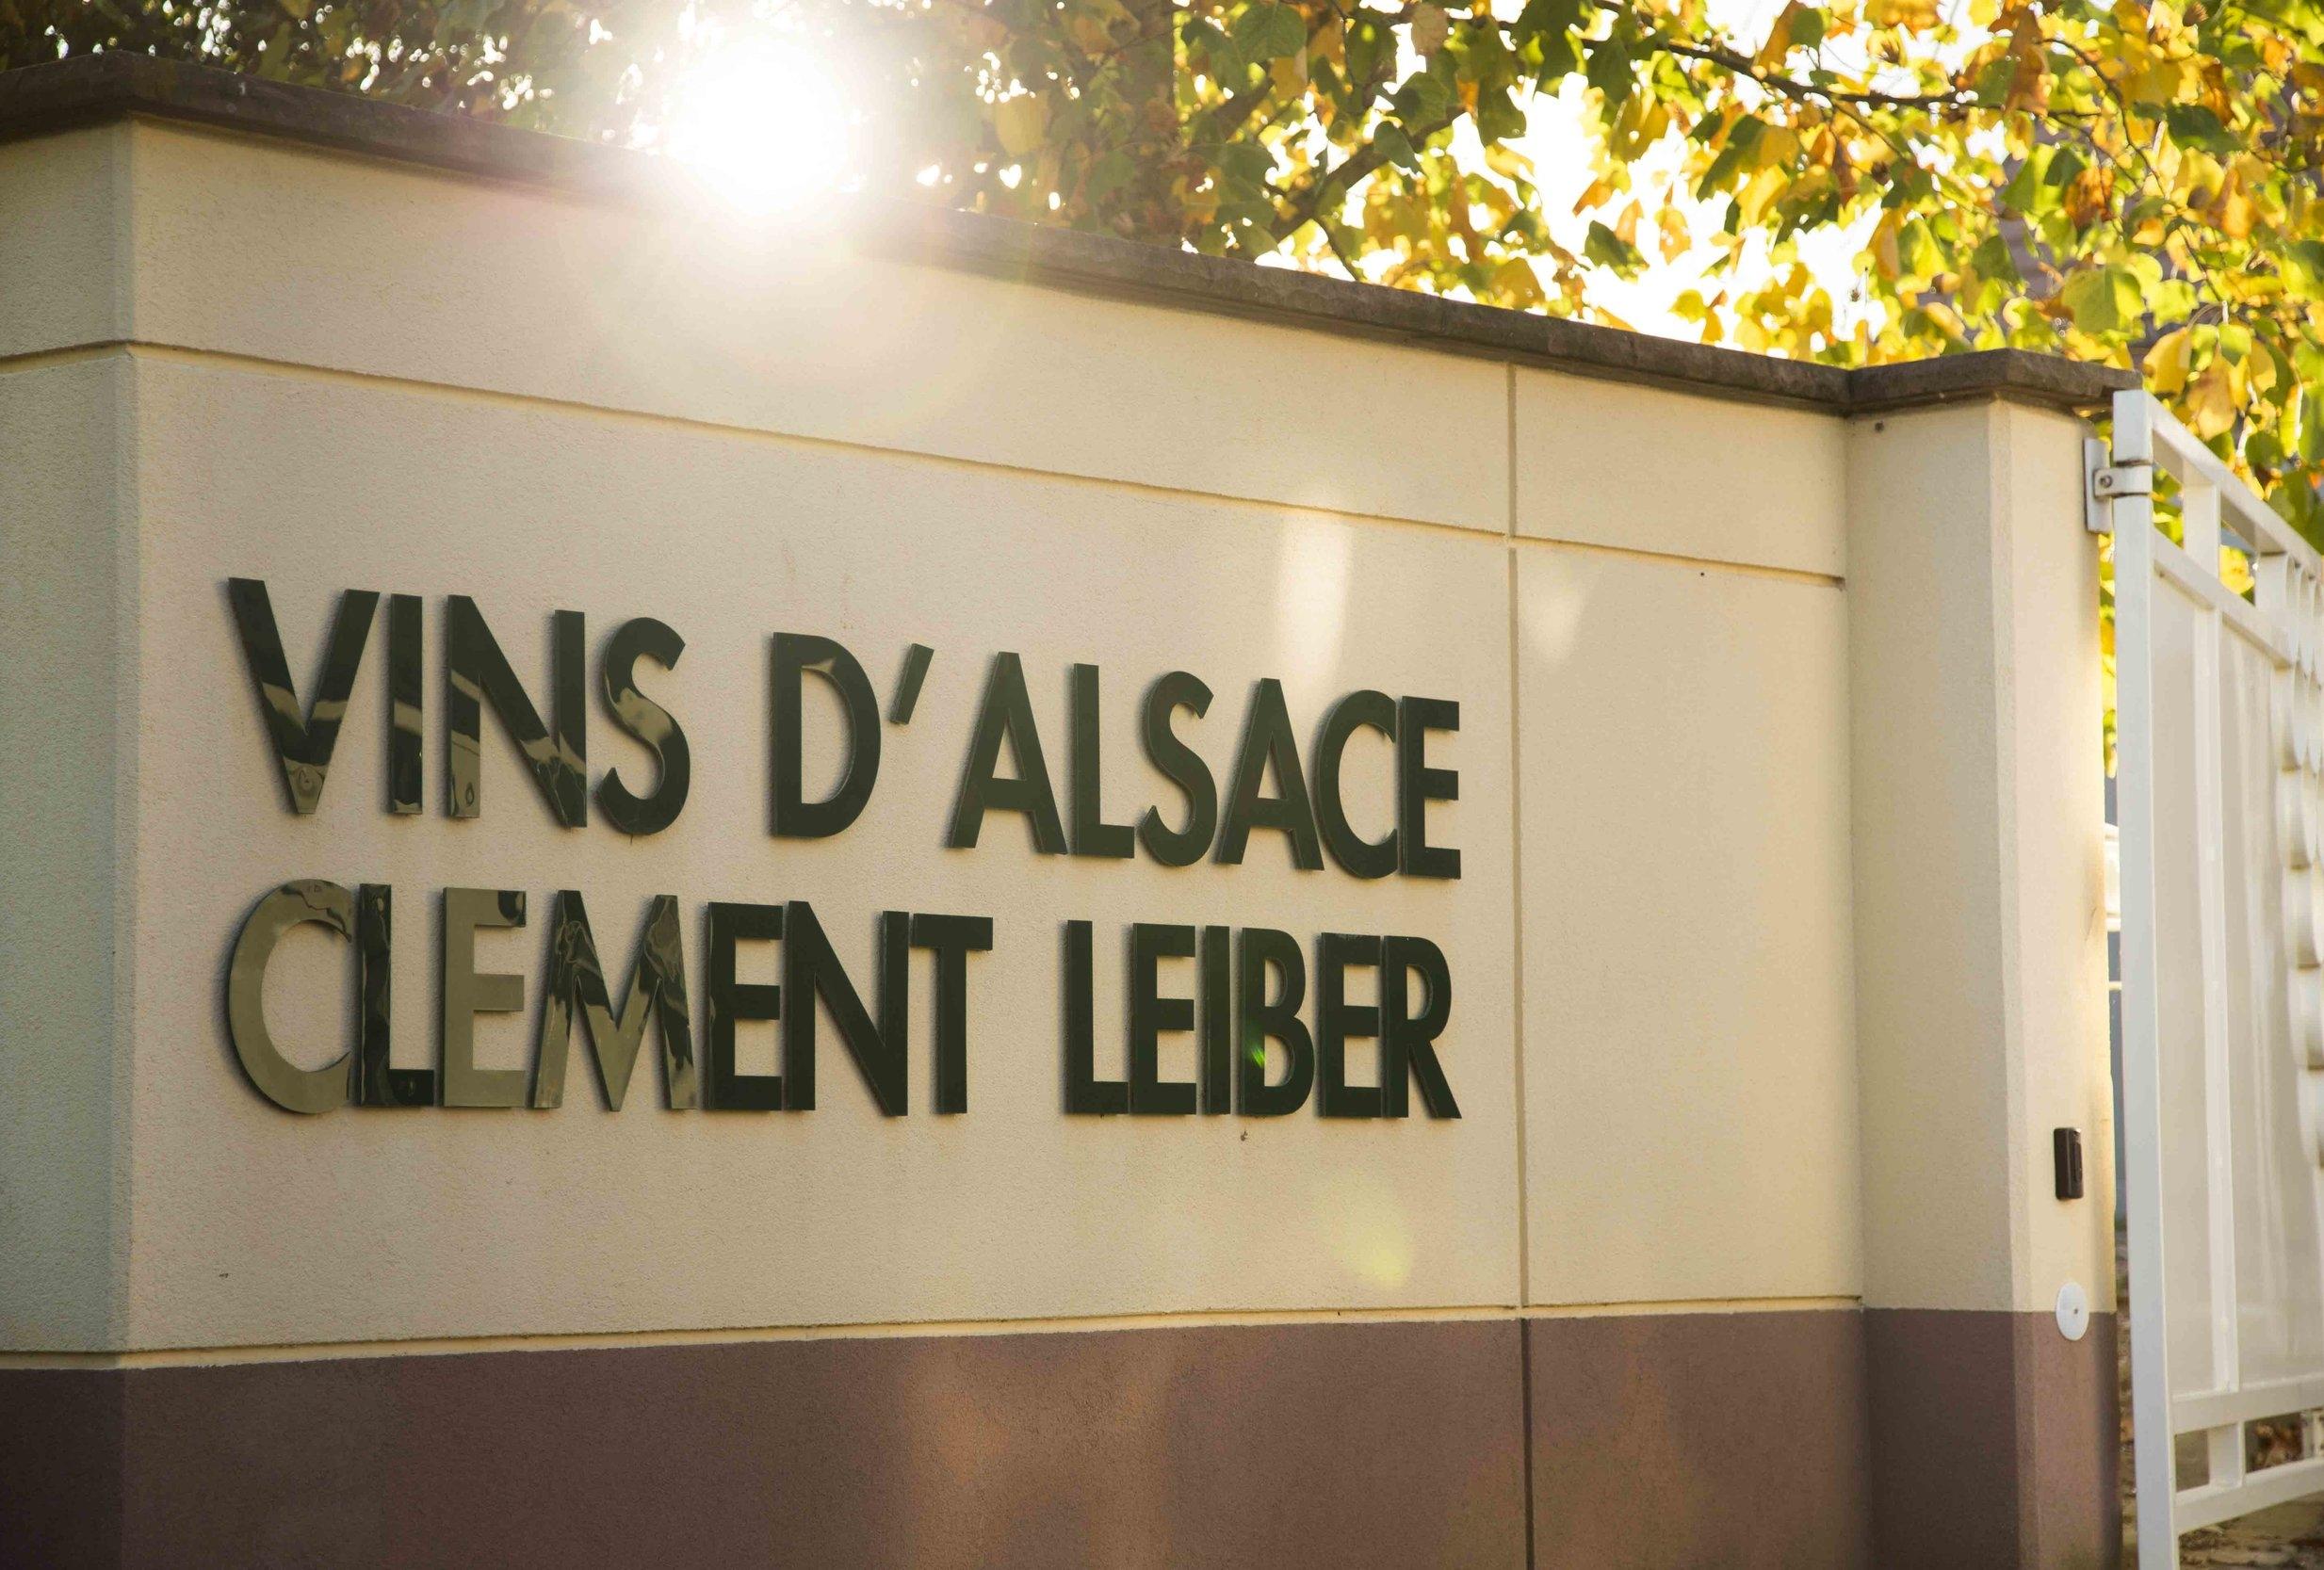 Vins d'Alsace, Domaine clement Leiber, Cave à vins, Vigneron-récoltant Grands vins d'Alsace, AOC Alsace grand cru, Vins en Alsace, le cépage alsacien, appellation Alsace grand cru, raisins, riesling, muscat, pinot gris, gewurztraminer, Gewutztaminer vendanges tardives, vendange tardive, vins de terroir alsacien, vins haut de gamme, Alsace grands crus, vins d'Alsace, Obermorschwihr, Colmar, Pfersigberg, Eichberg, cave vinicole, cave viticole, Vigneron-récoltant, Artisan vigneron, Serge Leiber, Centon d'Alsace, Pinot Blanc, Muscat d'Alsace, Rosé d'Alsace, Pinot Noir, Crémant d'Alsace, Crémant d'Alsace Rosé, Crémant d'Alsace Brut Impérial MAGNUM, Riesling Terre Jaune, Pinot Gris, Grand Cru Pfersigberg, Gewurztraminer Grand Cru Eichberg, Pinot Gris 2015 Barrique des Perles, Gewurztraminer 2015 Lune Rouge, Eaux-de-Vie, Quetsch d'Alsace, Marc de Gewurztraminer, Kirsch, Mirabelle, Poire William, Framboise, oenotourisme, Domaine viticole, domaine vinicole, Caves de Voegtlingshoffen, Cave à vins Eguisheim, Dégustation de vins alsacien, Dégustation et vente de vins alsaciens, Caves de Herrlisheim, Caves de Husseren-Les-Châteaux, Caves de Gueberschwihr,